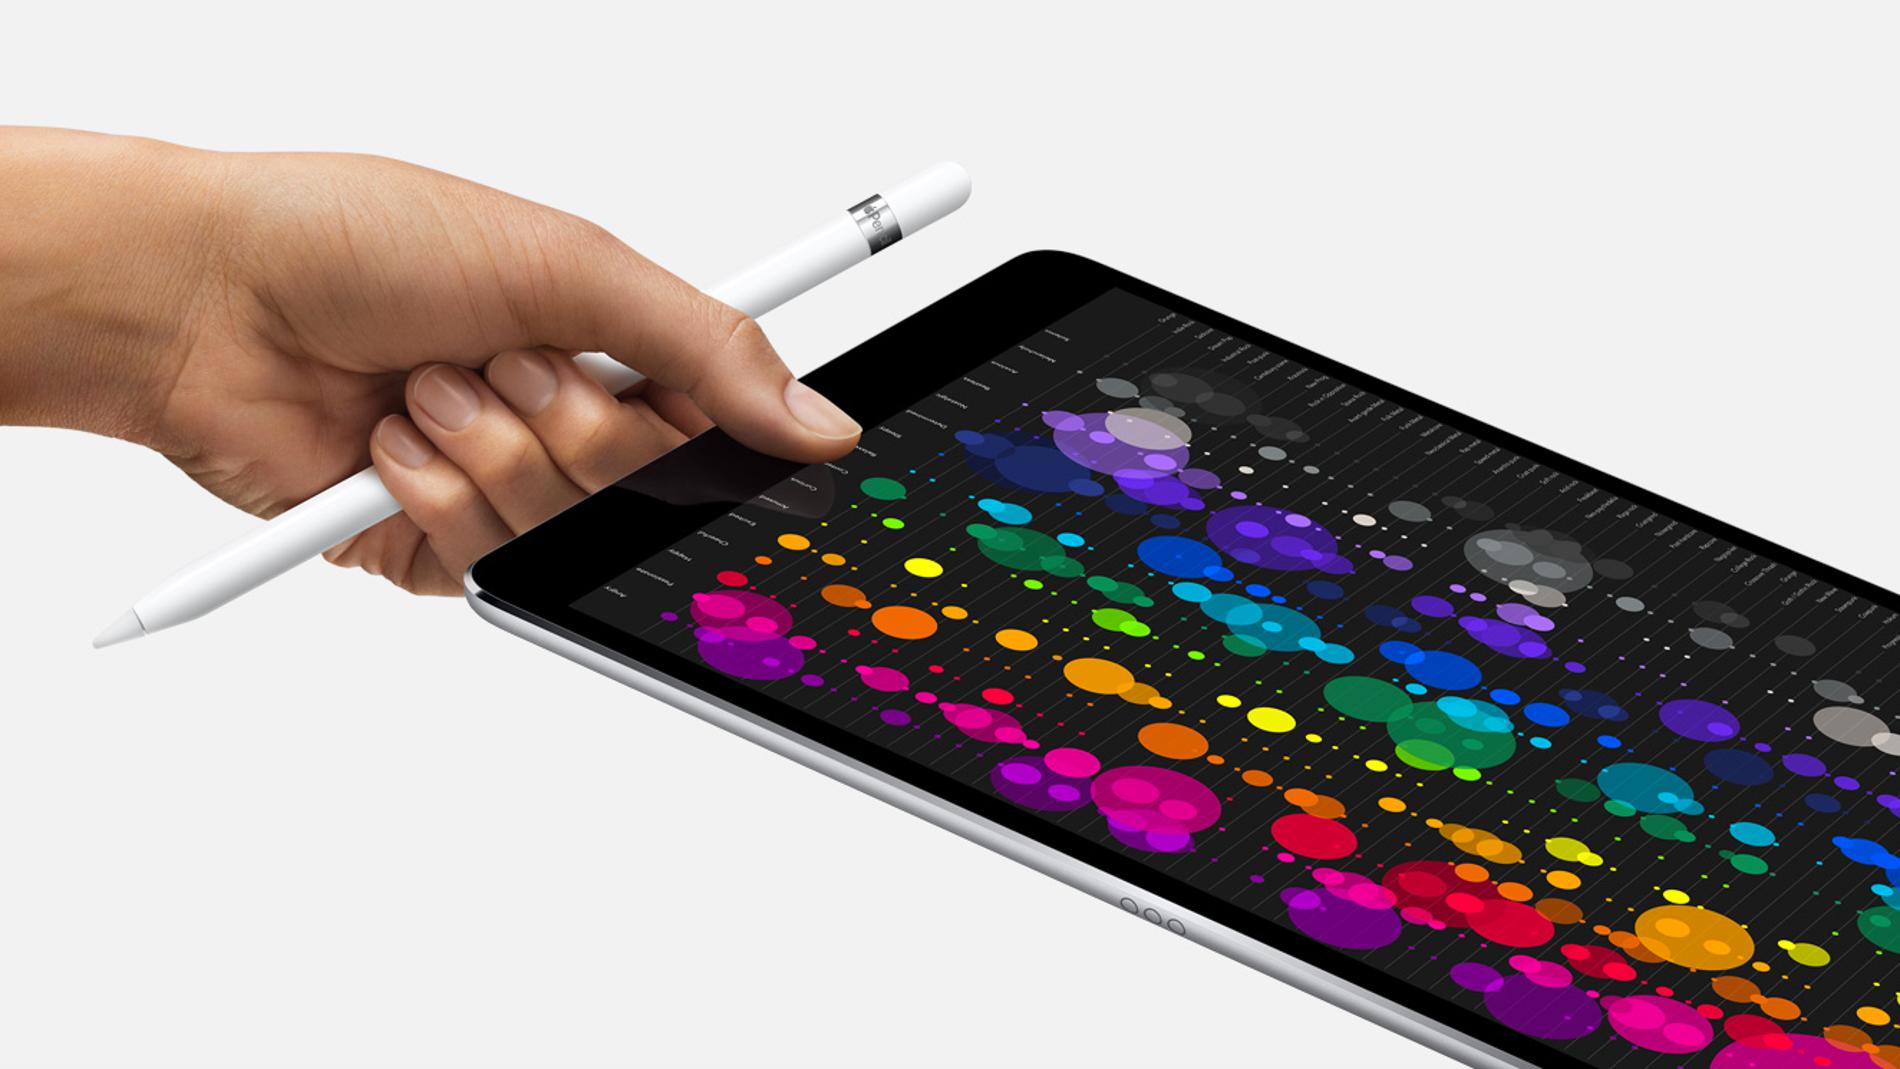 Los iPad tal y como los conocemos hoy en día podrían cambiar radicalmente en muy pocas semanas